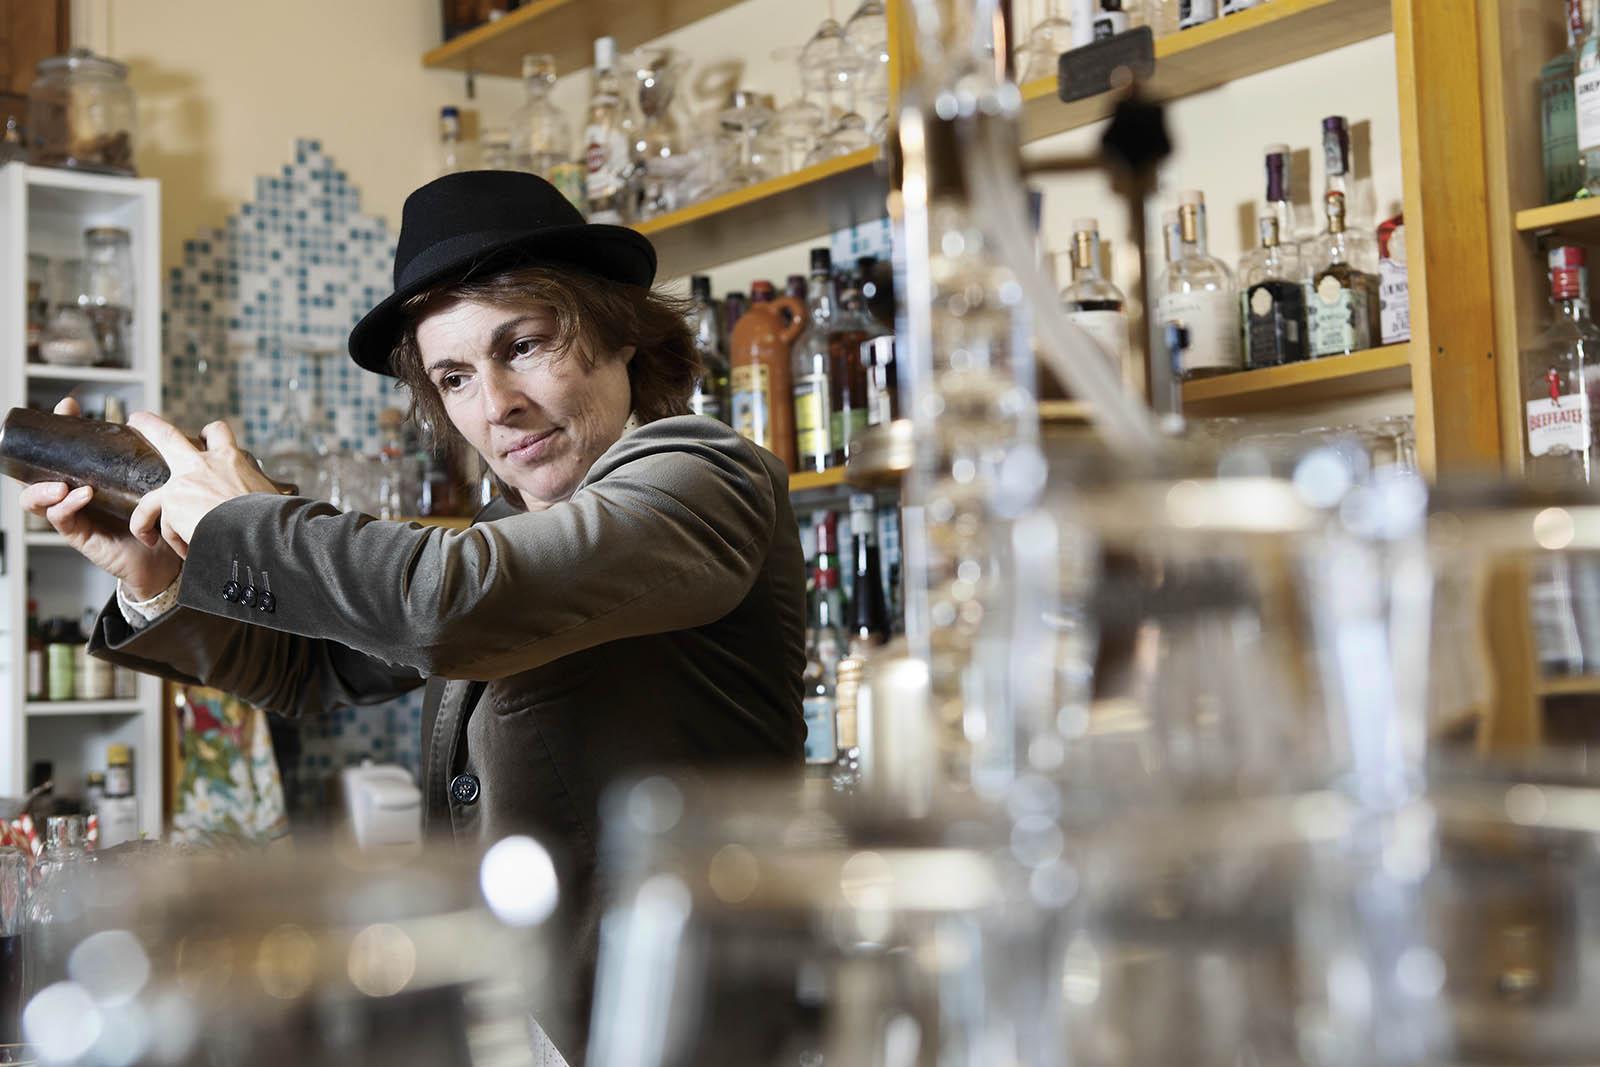 daniela prepara un cocktail aperitivo, drink alcolico